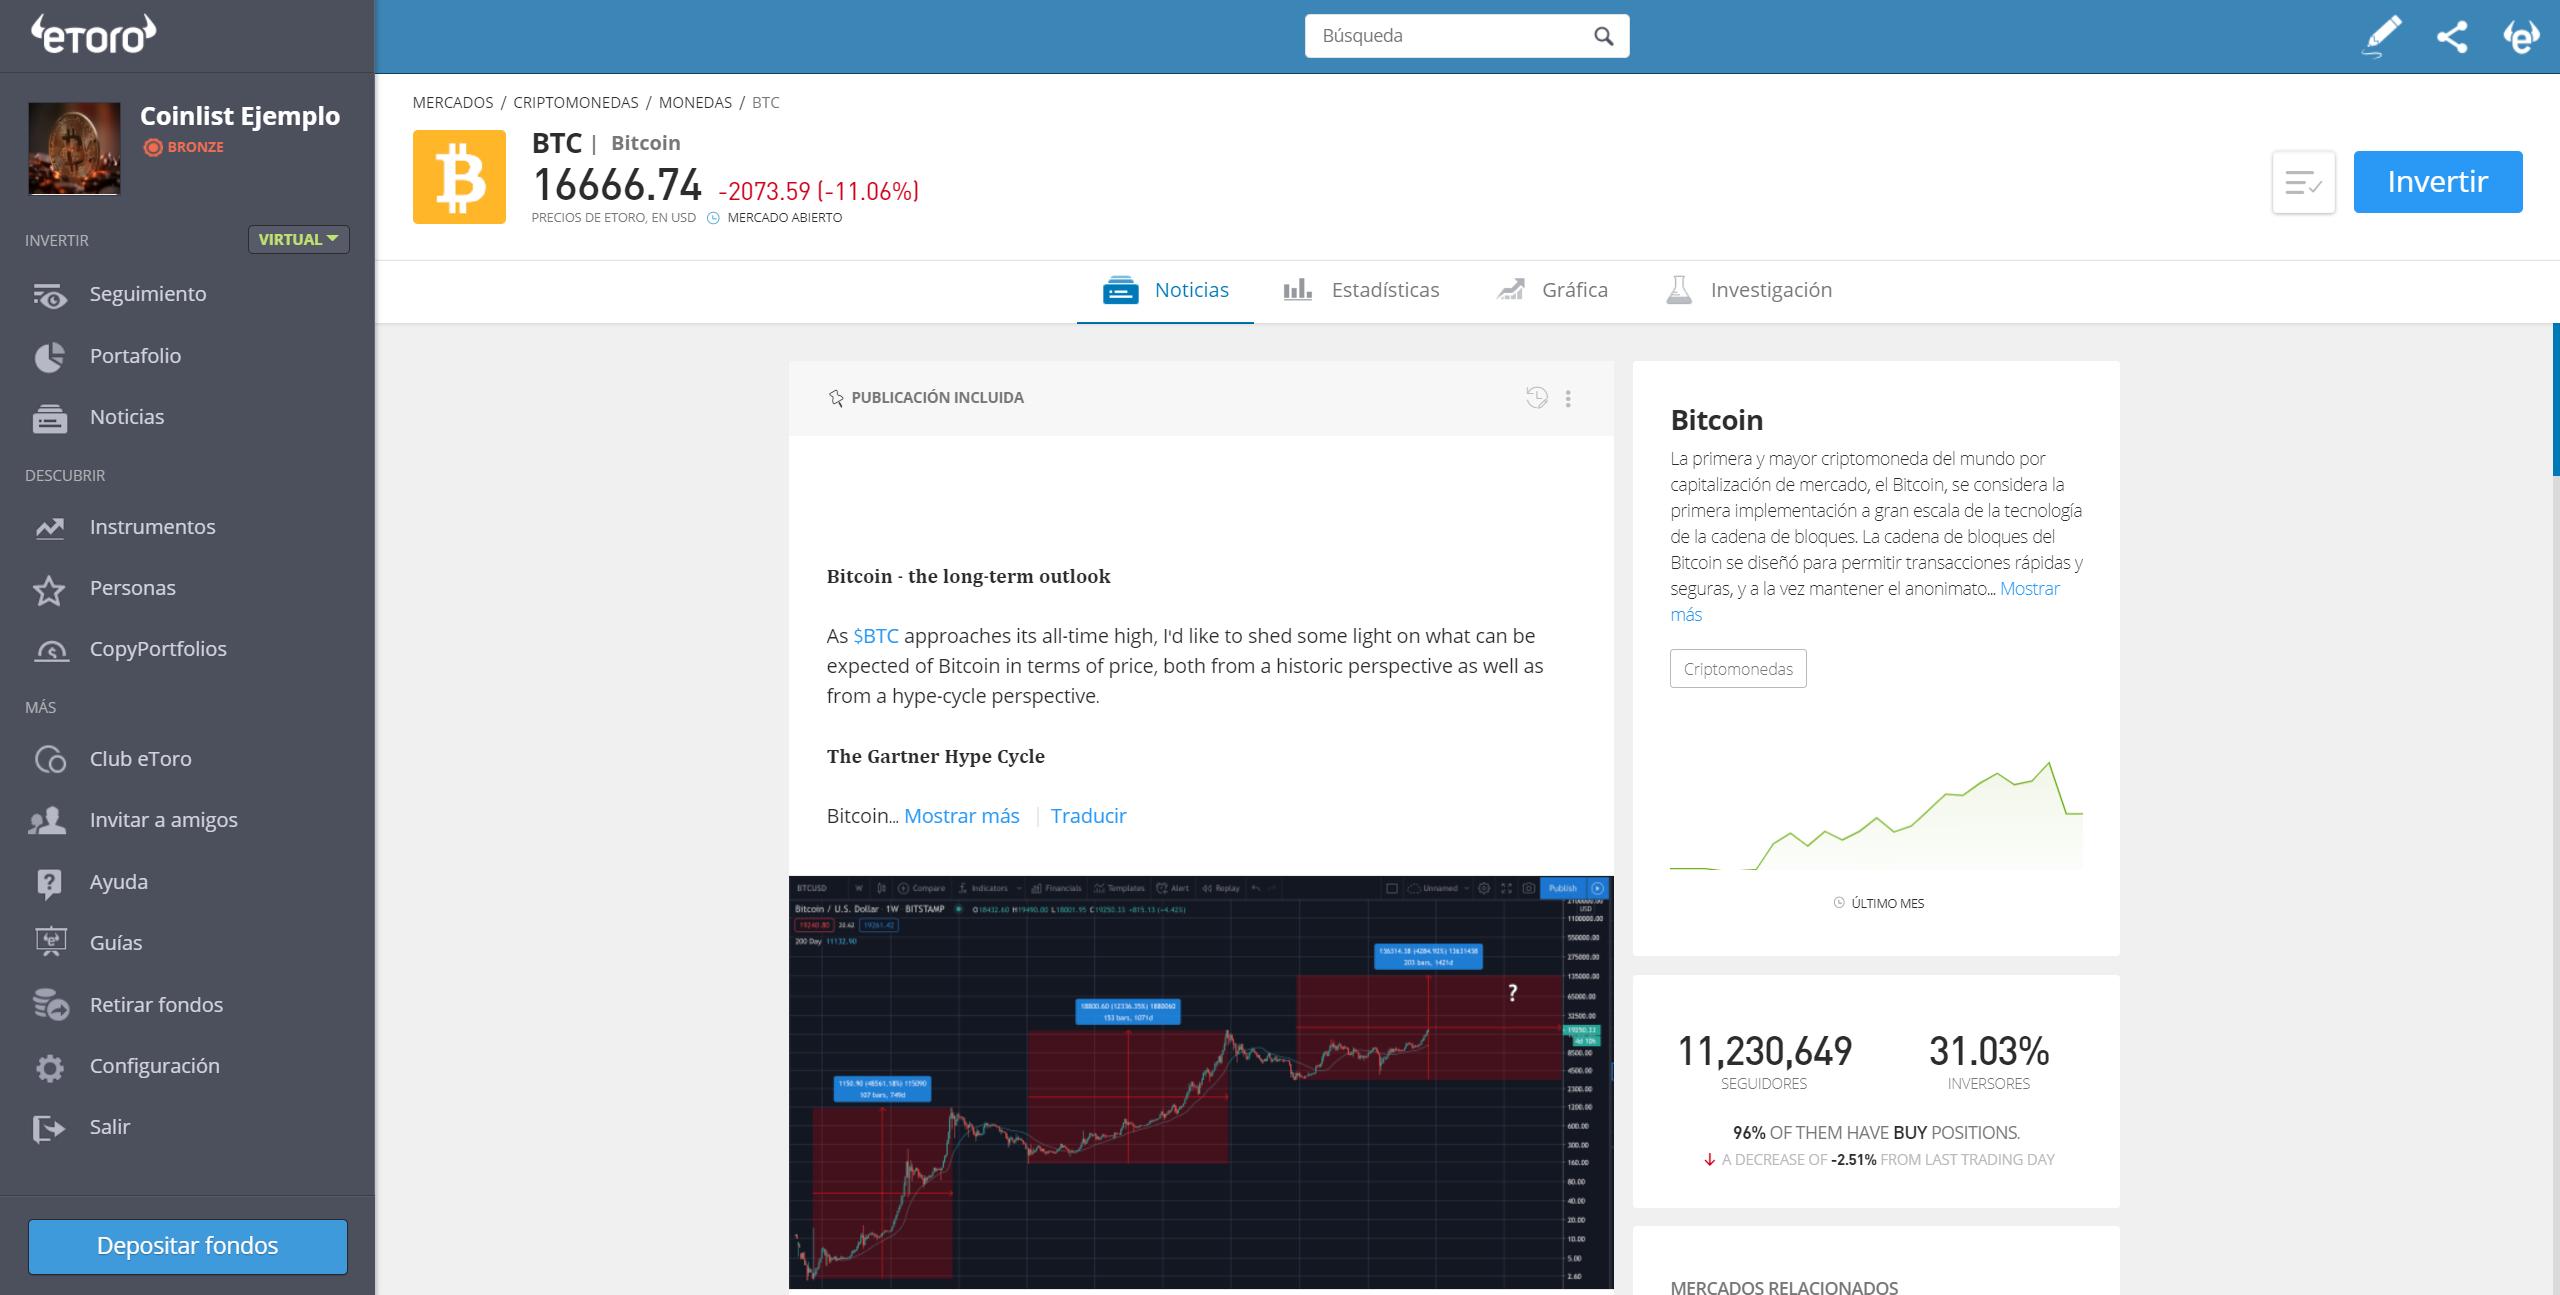 Plataforma de trading de eToro